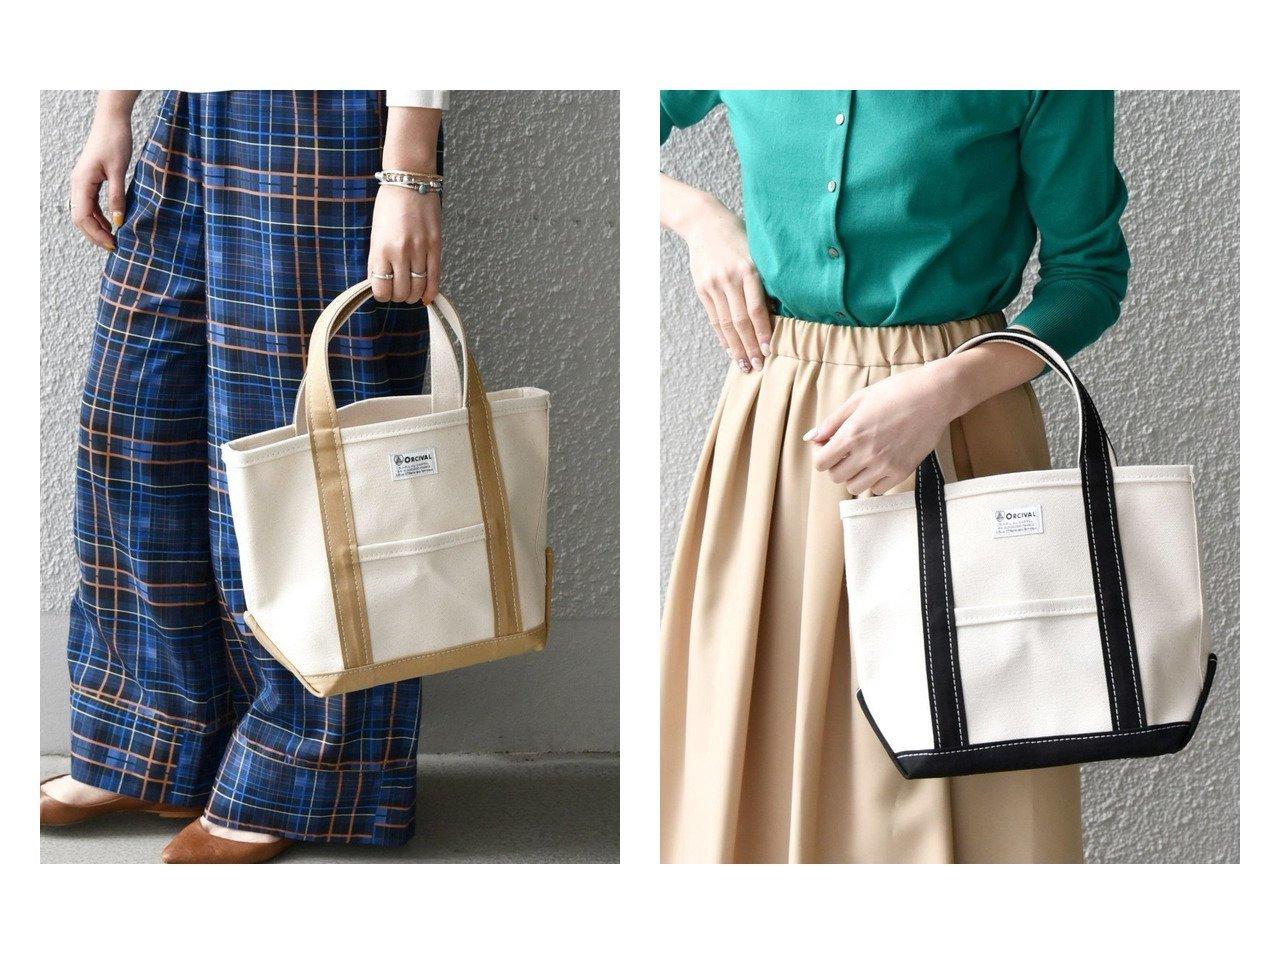 【SHIPS any/シップス エニィ】の一部 ORCIVAL トートバッグS 【バッグ・鞄】おすすめ!人気、トレンド・レディースファッションの通販 おすすめで人気の流行・トレンド、ファッションの通販商品 メンズファッション・キッズファッション・インテリア・家具・レディースファッション・服の通販 founy(ファニー) https://founy.com/ ファッション Fashion レディースファッション WOMEN バッグ Bag フランス 再入荷 Restock/Back in Stock/Re Arrival 定番 Standard |ID:crp329100000036744